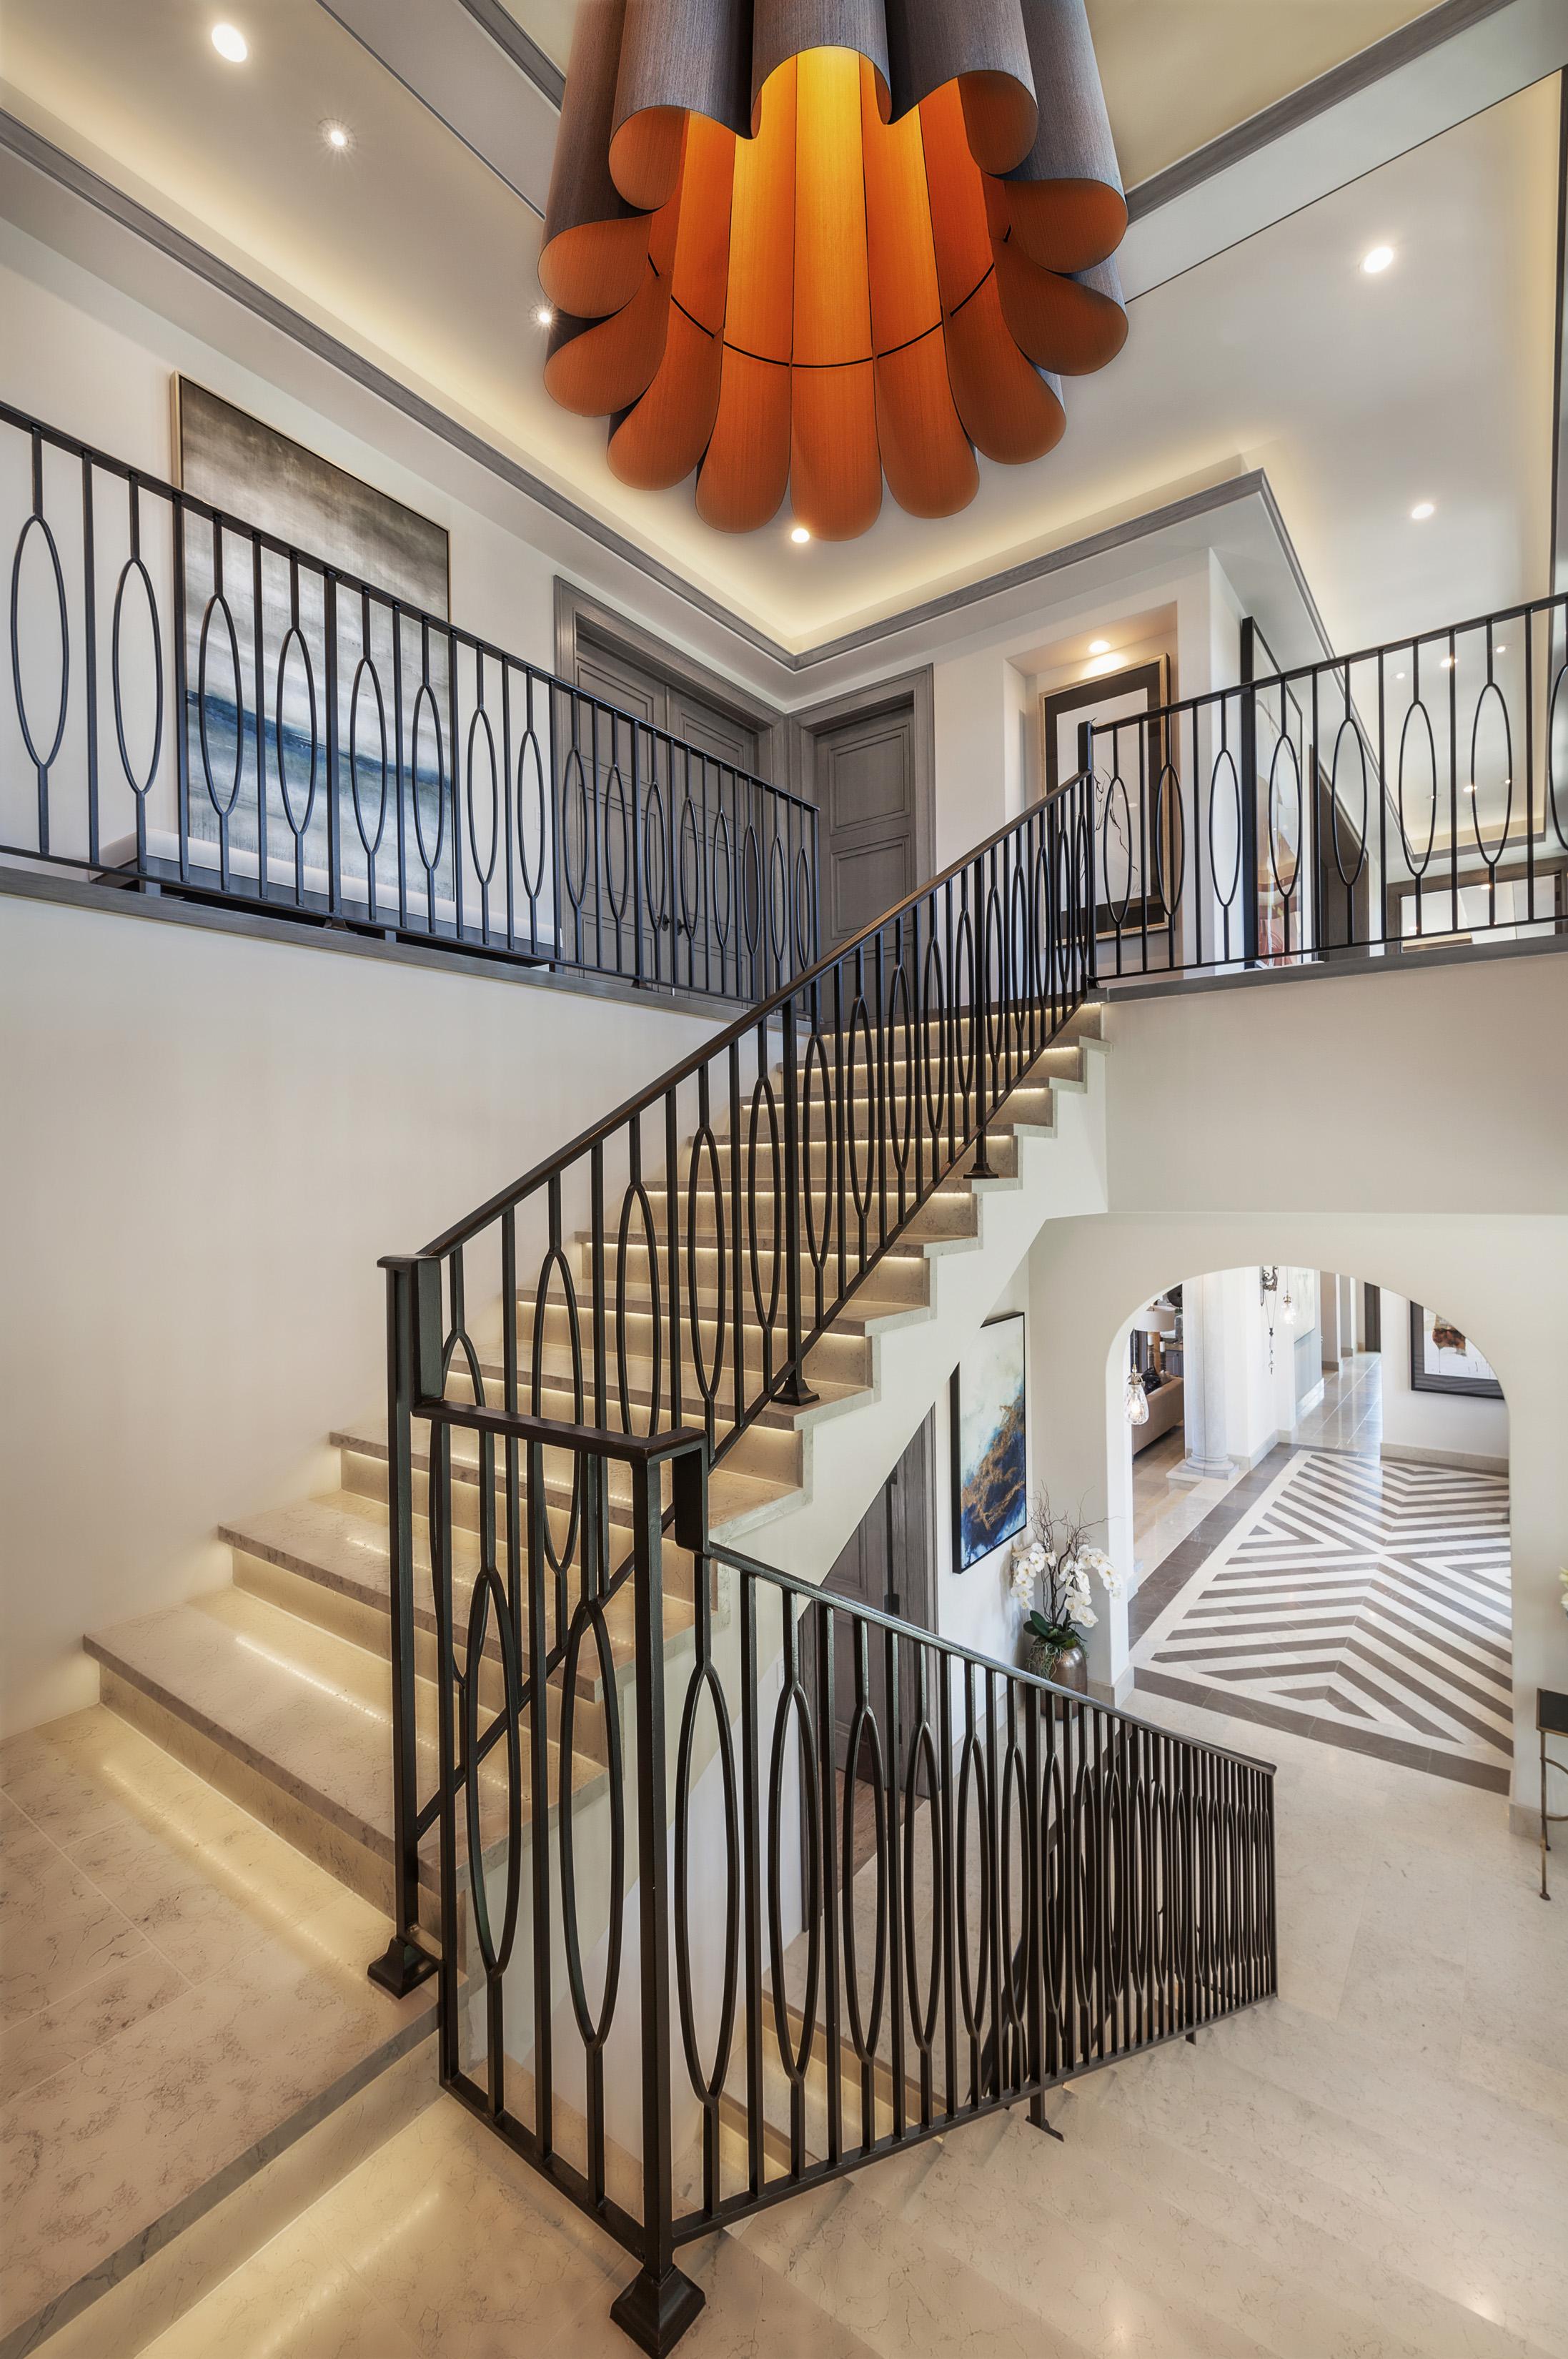 5CoralRidge_L2-Staircase2_3151v-3300.jpg